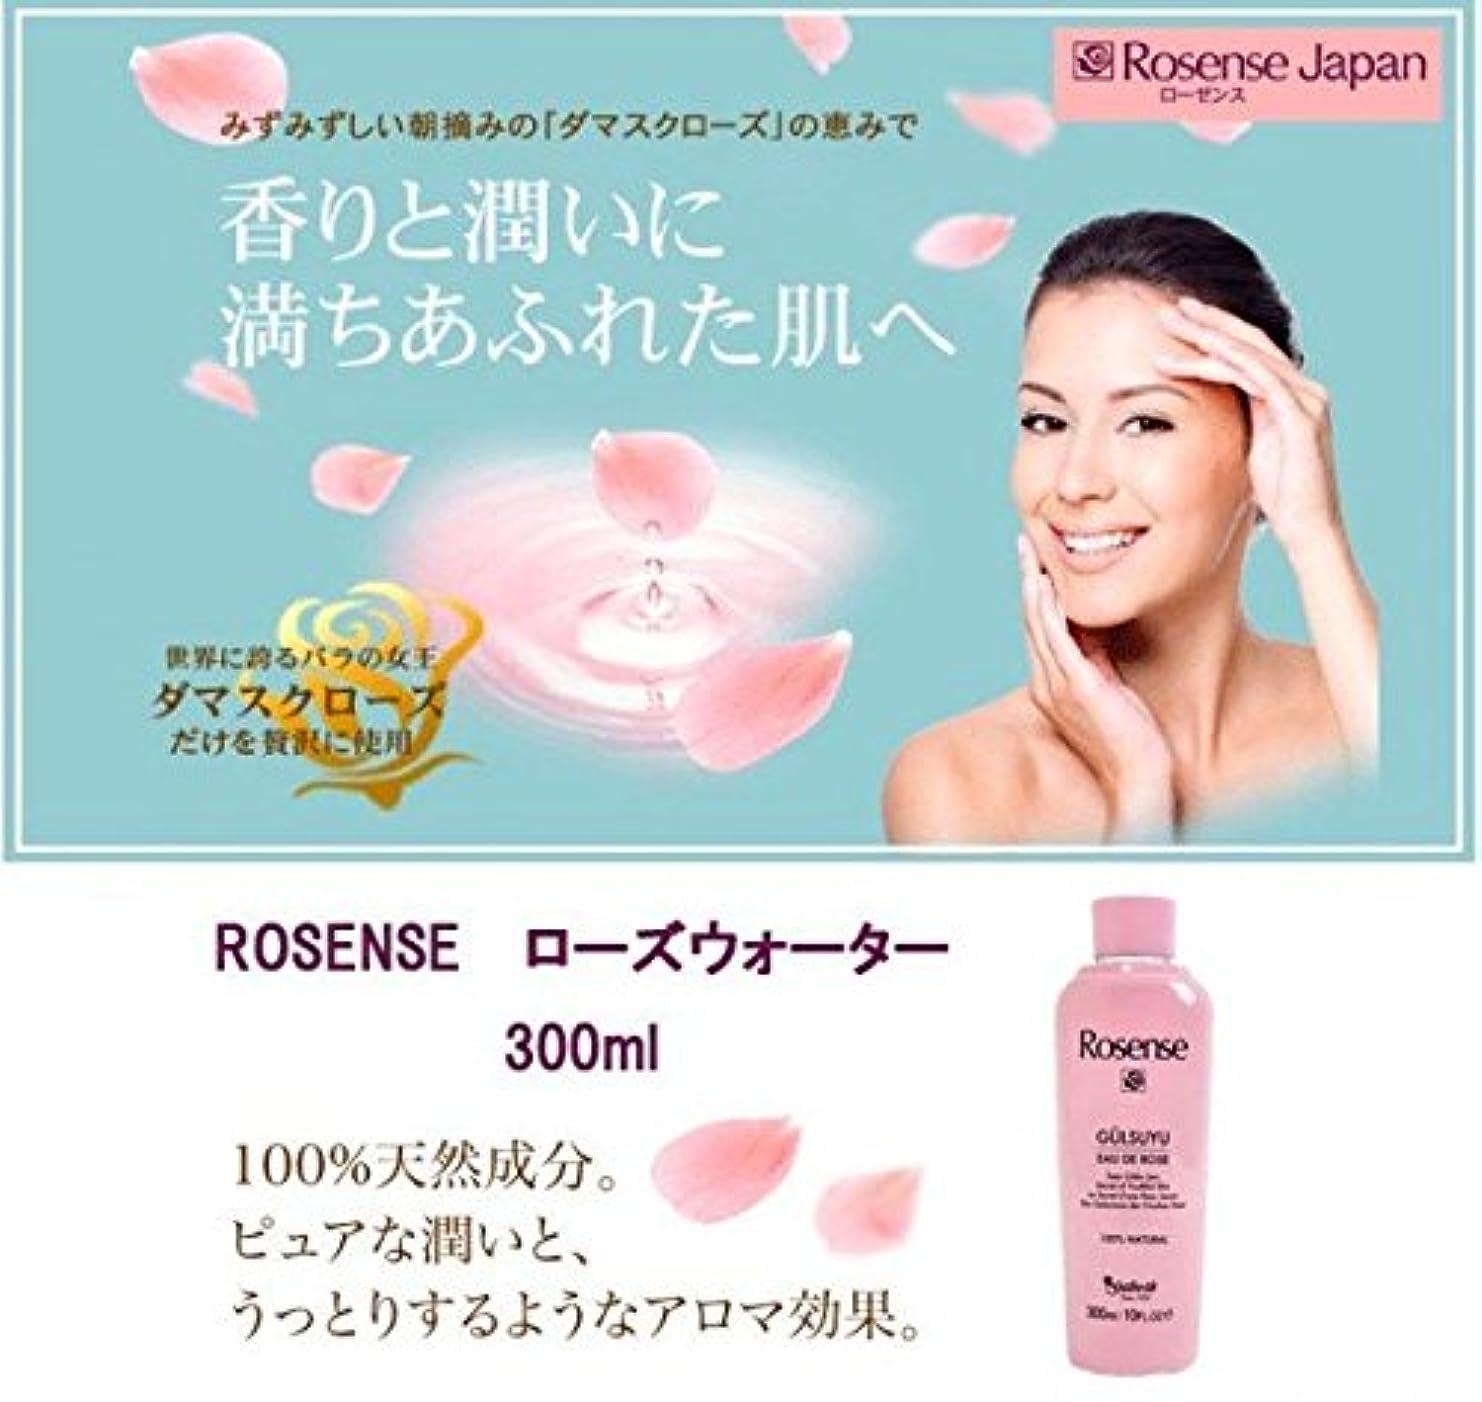 ジェット慈悲魅了するROSENSE ローズウォーター 300ml バラの芳醇な香りに包まれながら お肌を整えます